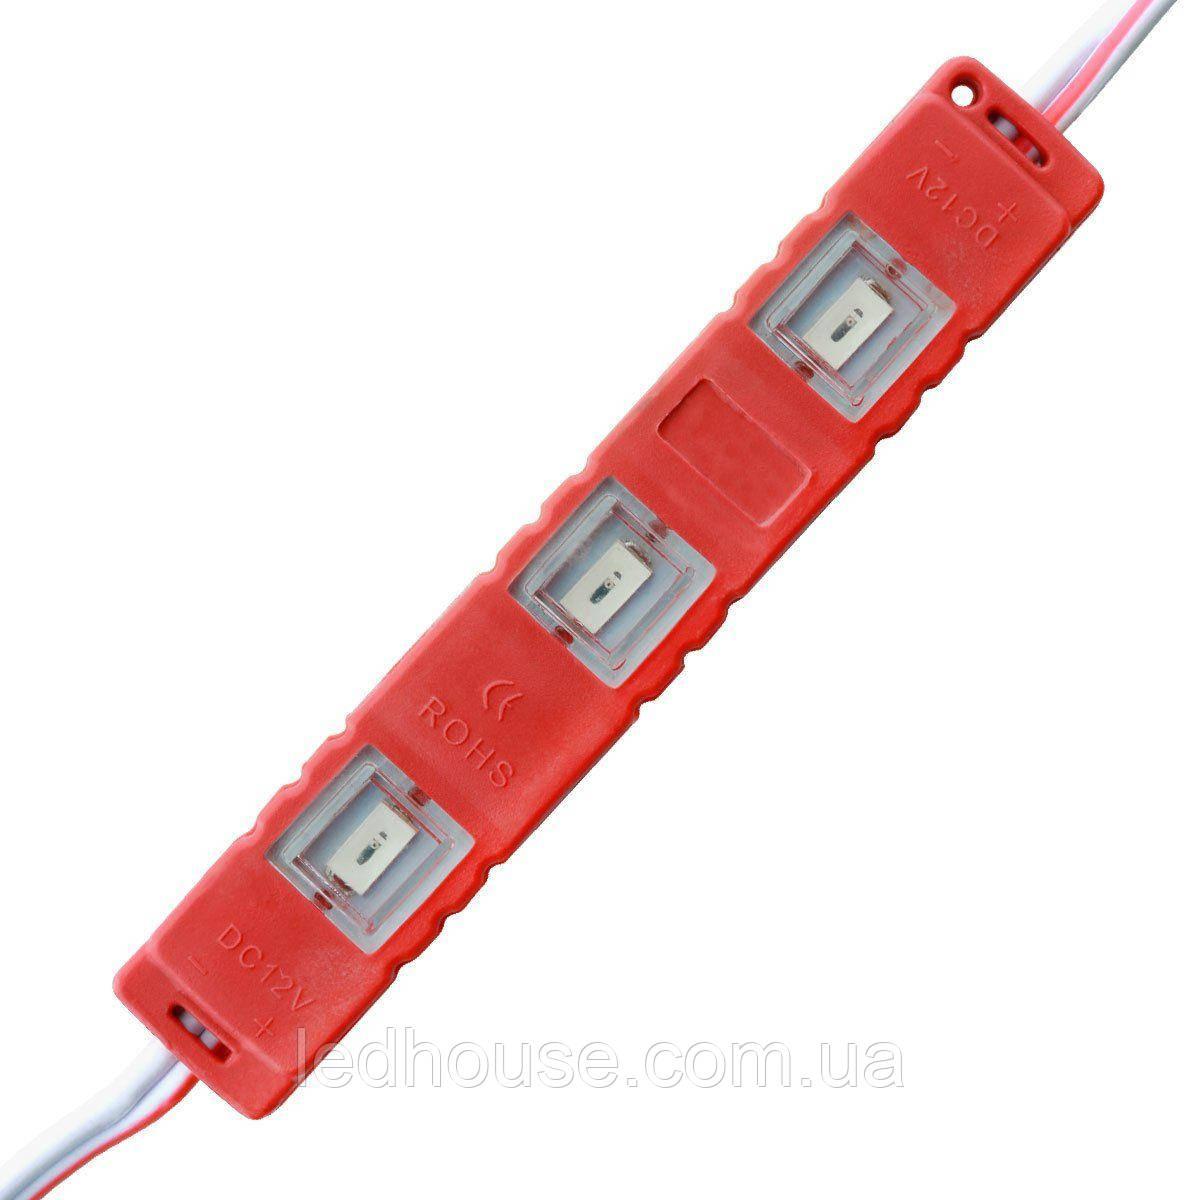 Светодиодный модуль SMD5730-3*0.5W, red, 12В, IP65